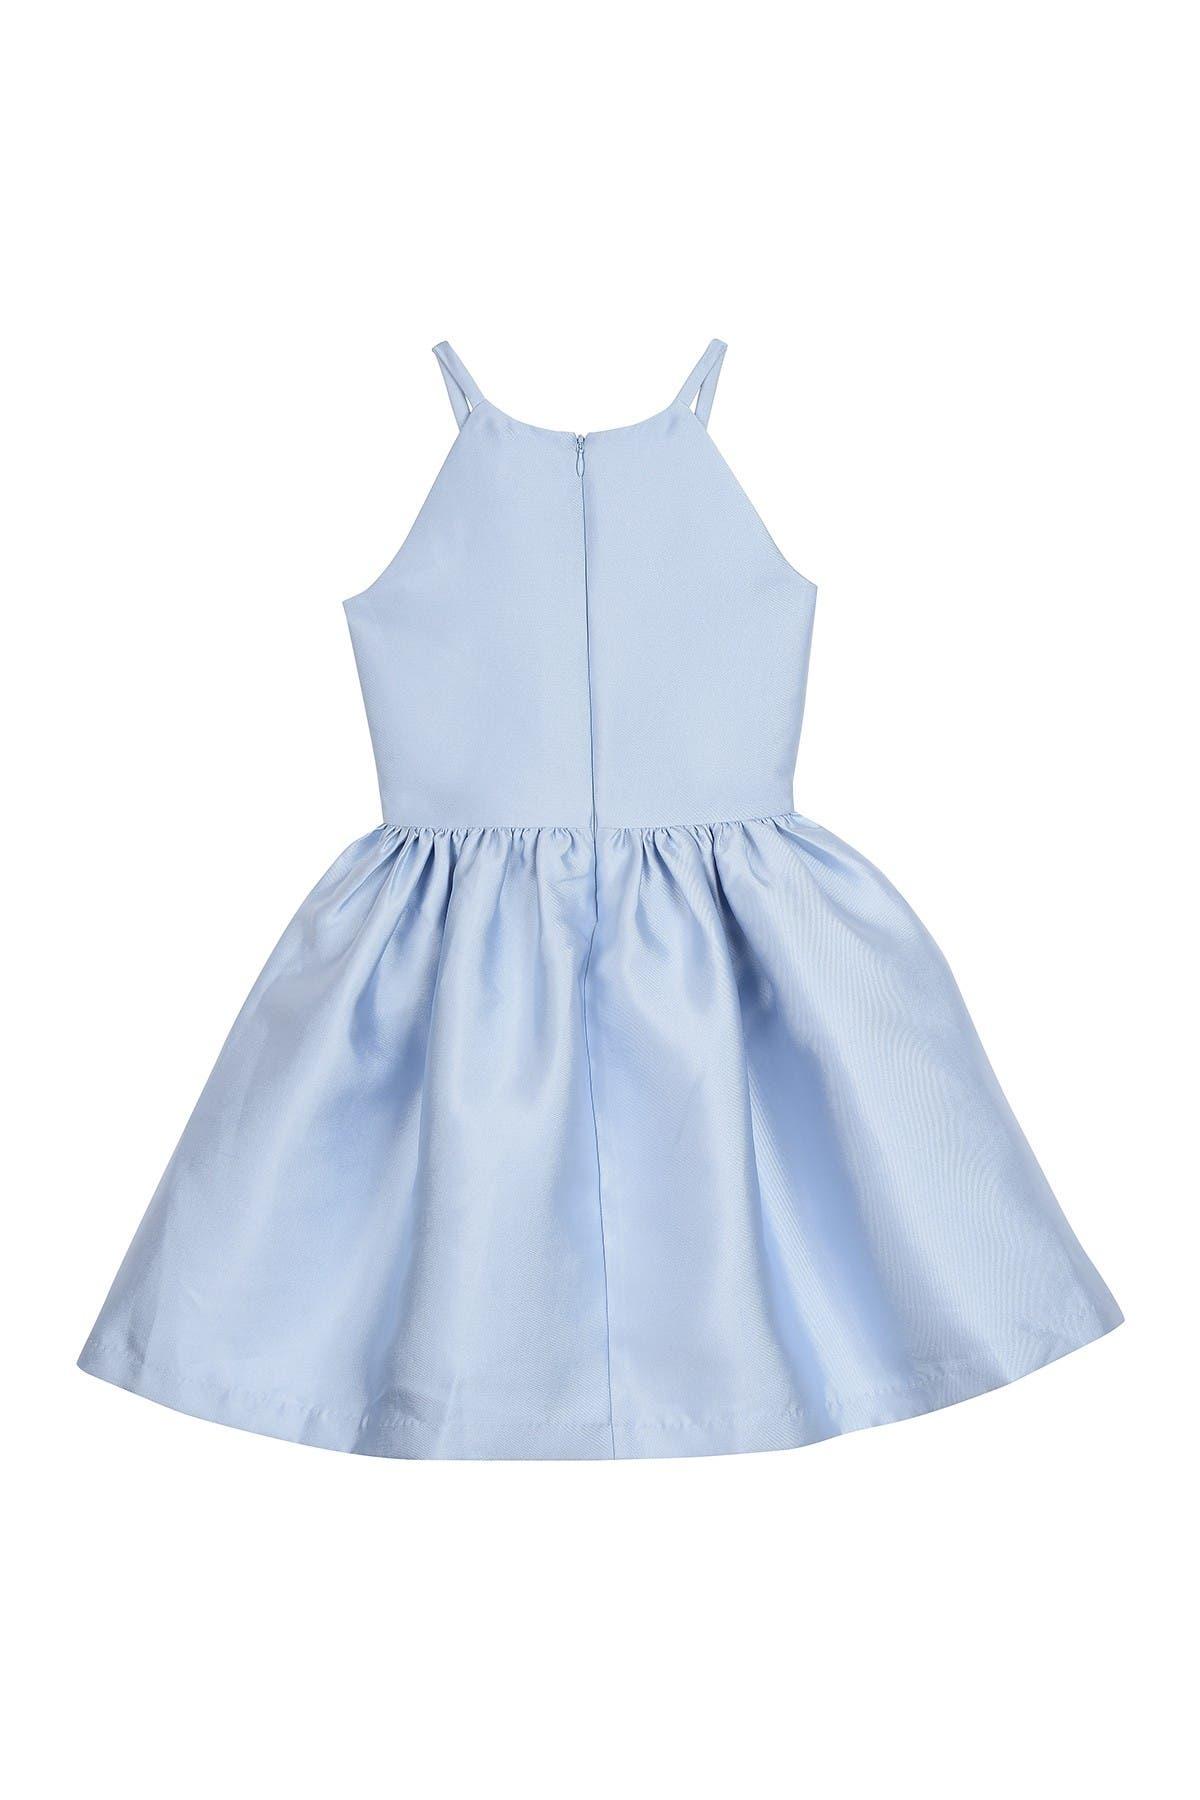 Image of Badgley Mischka Lace Panel Square Neck Sleeveless Dress